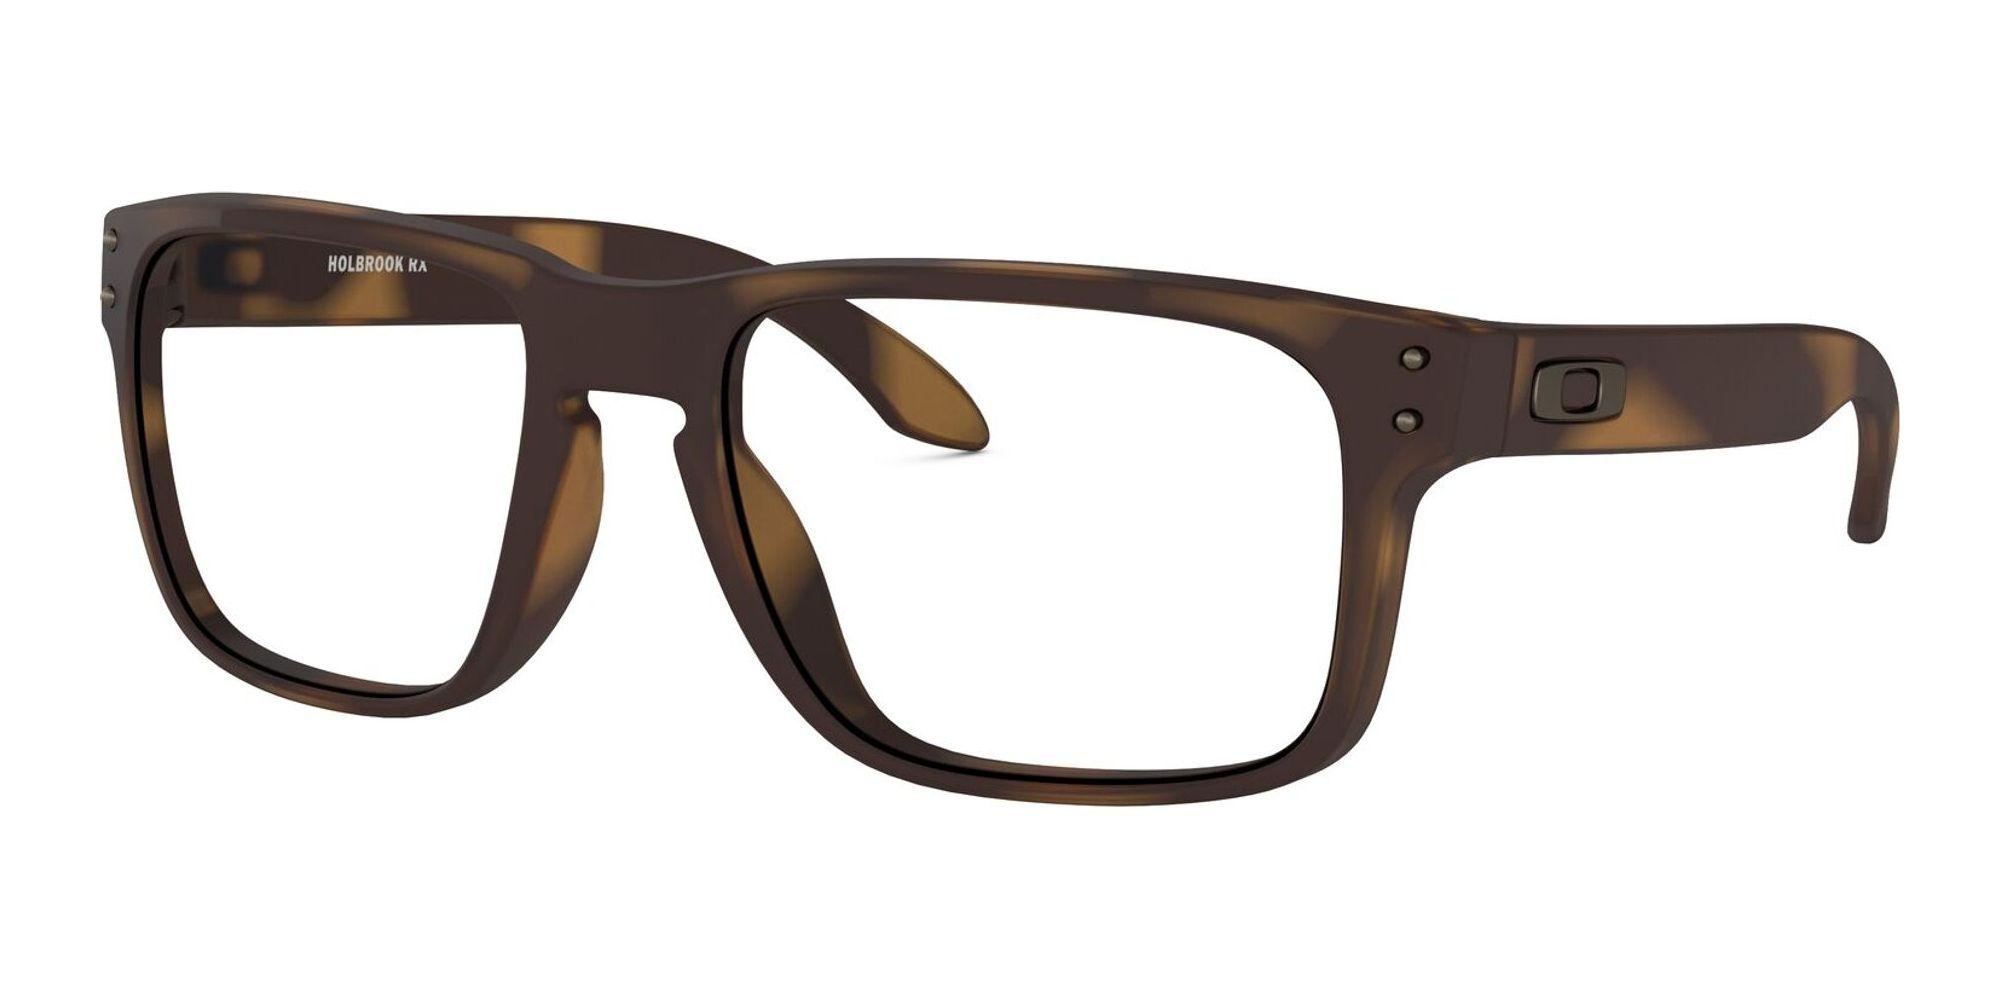 Oakley eyeglasses HOLBROOK RX OX 8156